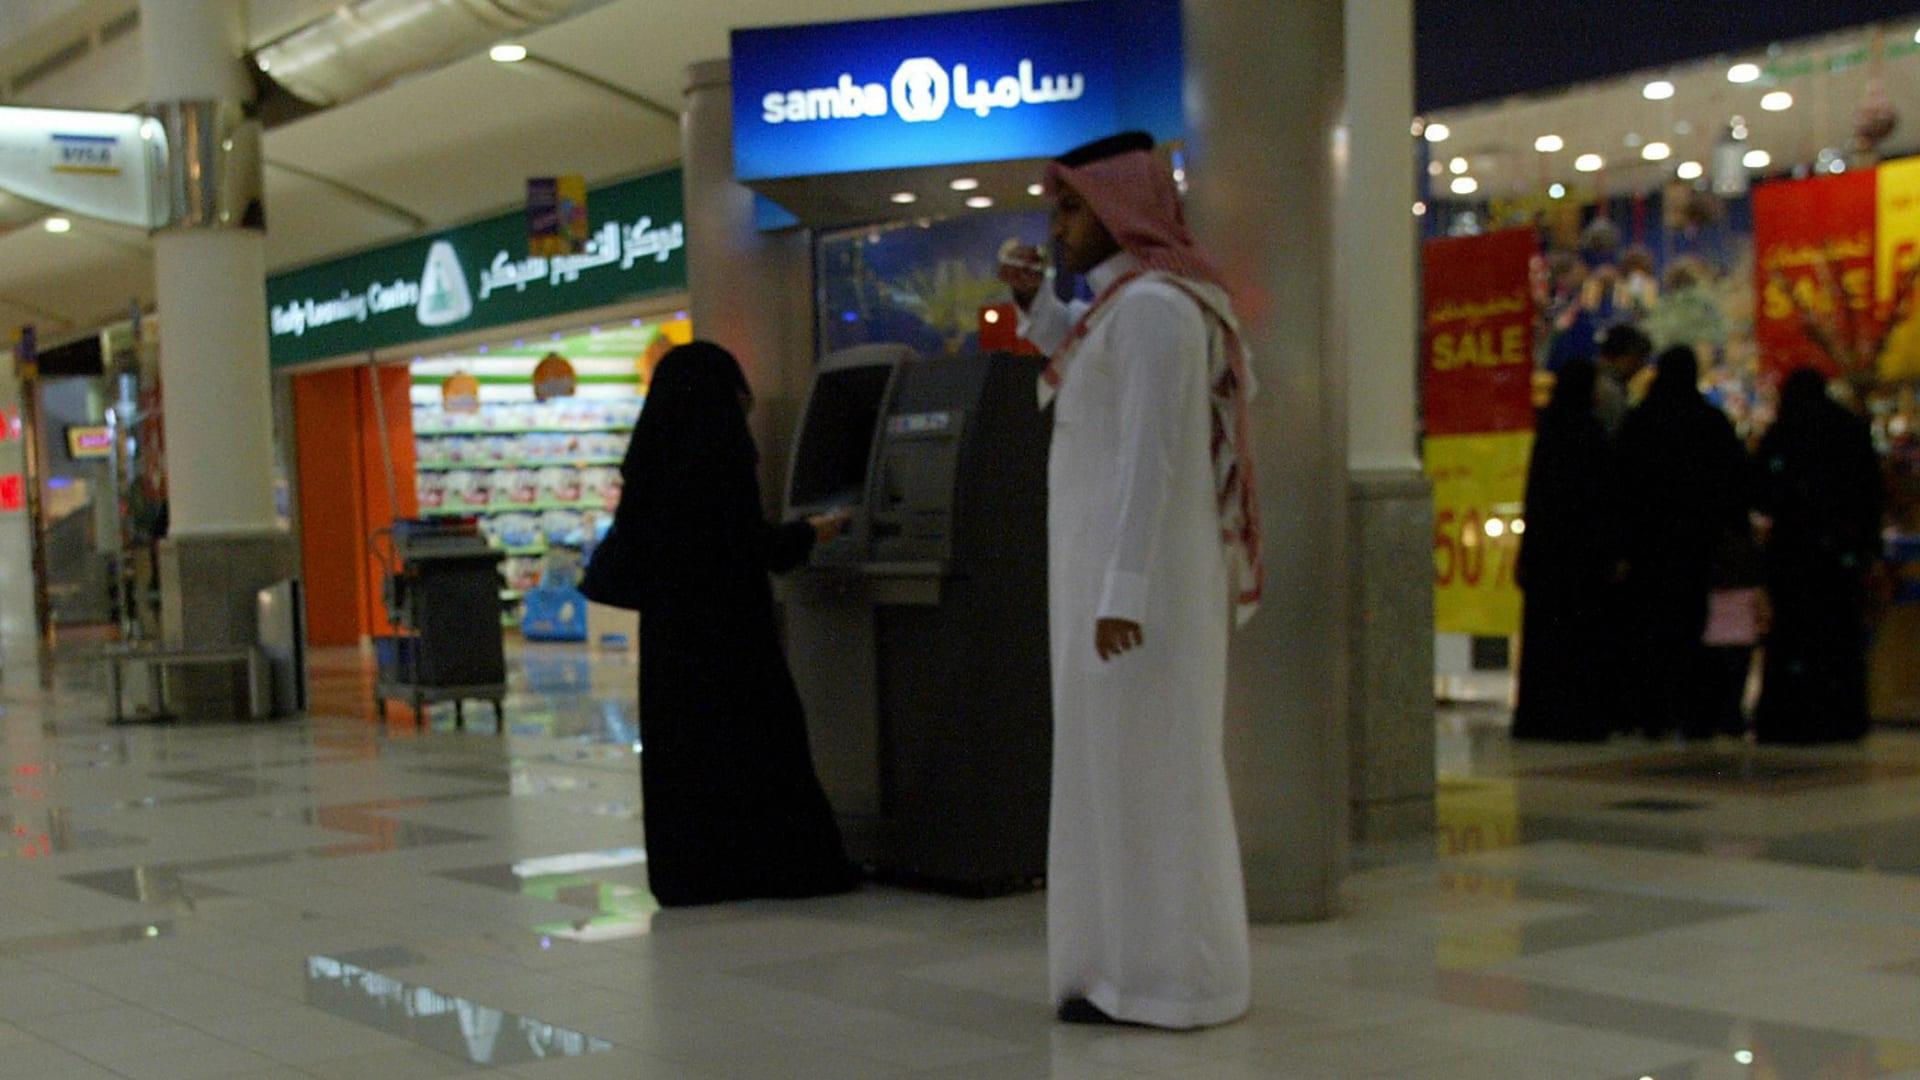 """بين """"مكياجي"""" و""""نقابي"""".. كيف تفاعلت فتيات مع تقارير """"بصمة الوجه بدل الرقم السري"""" ببنوك السعودية؟"""